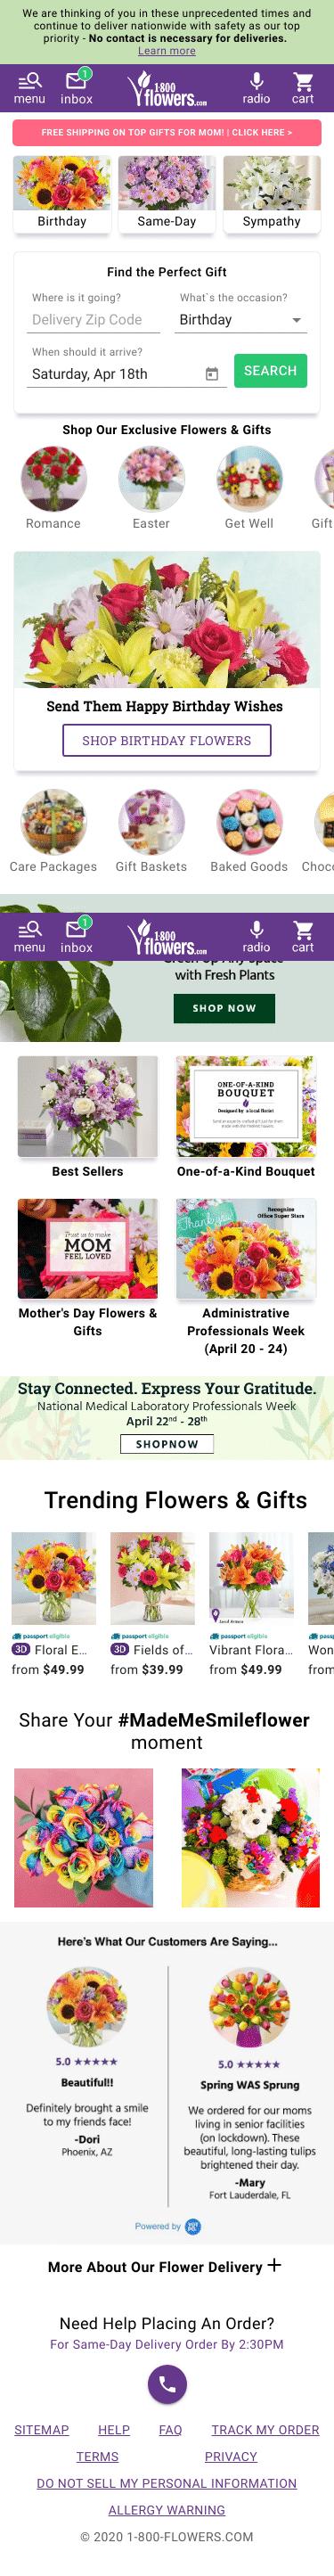 1800flowers.com Coupon